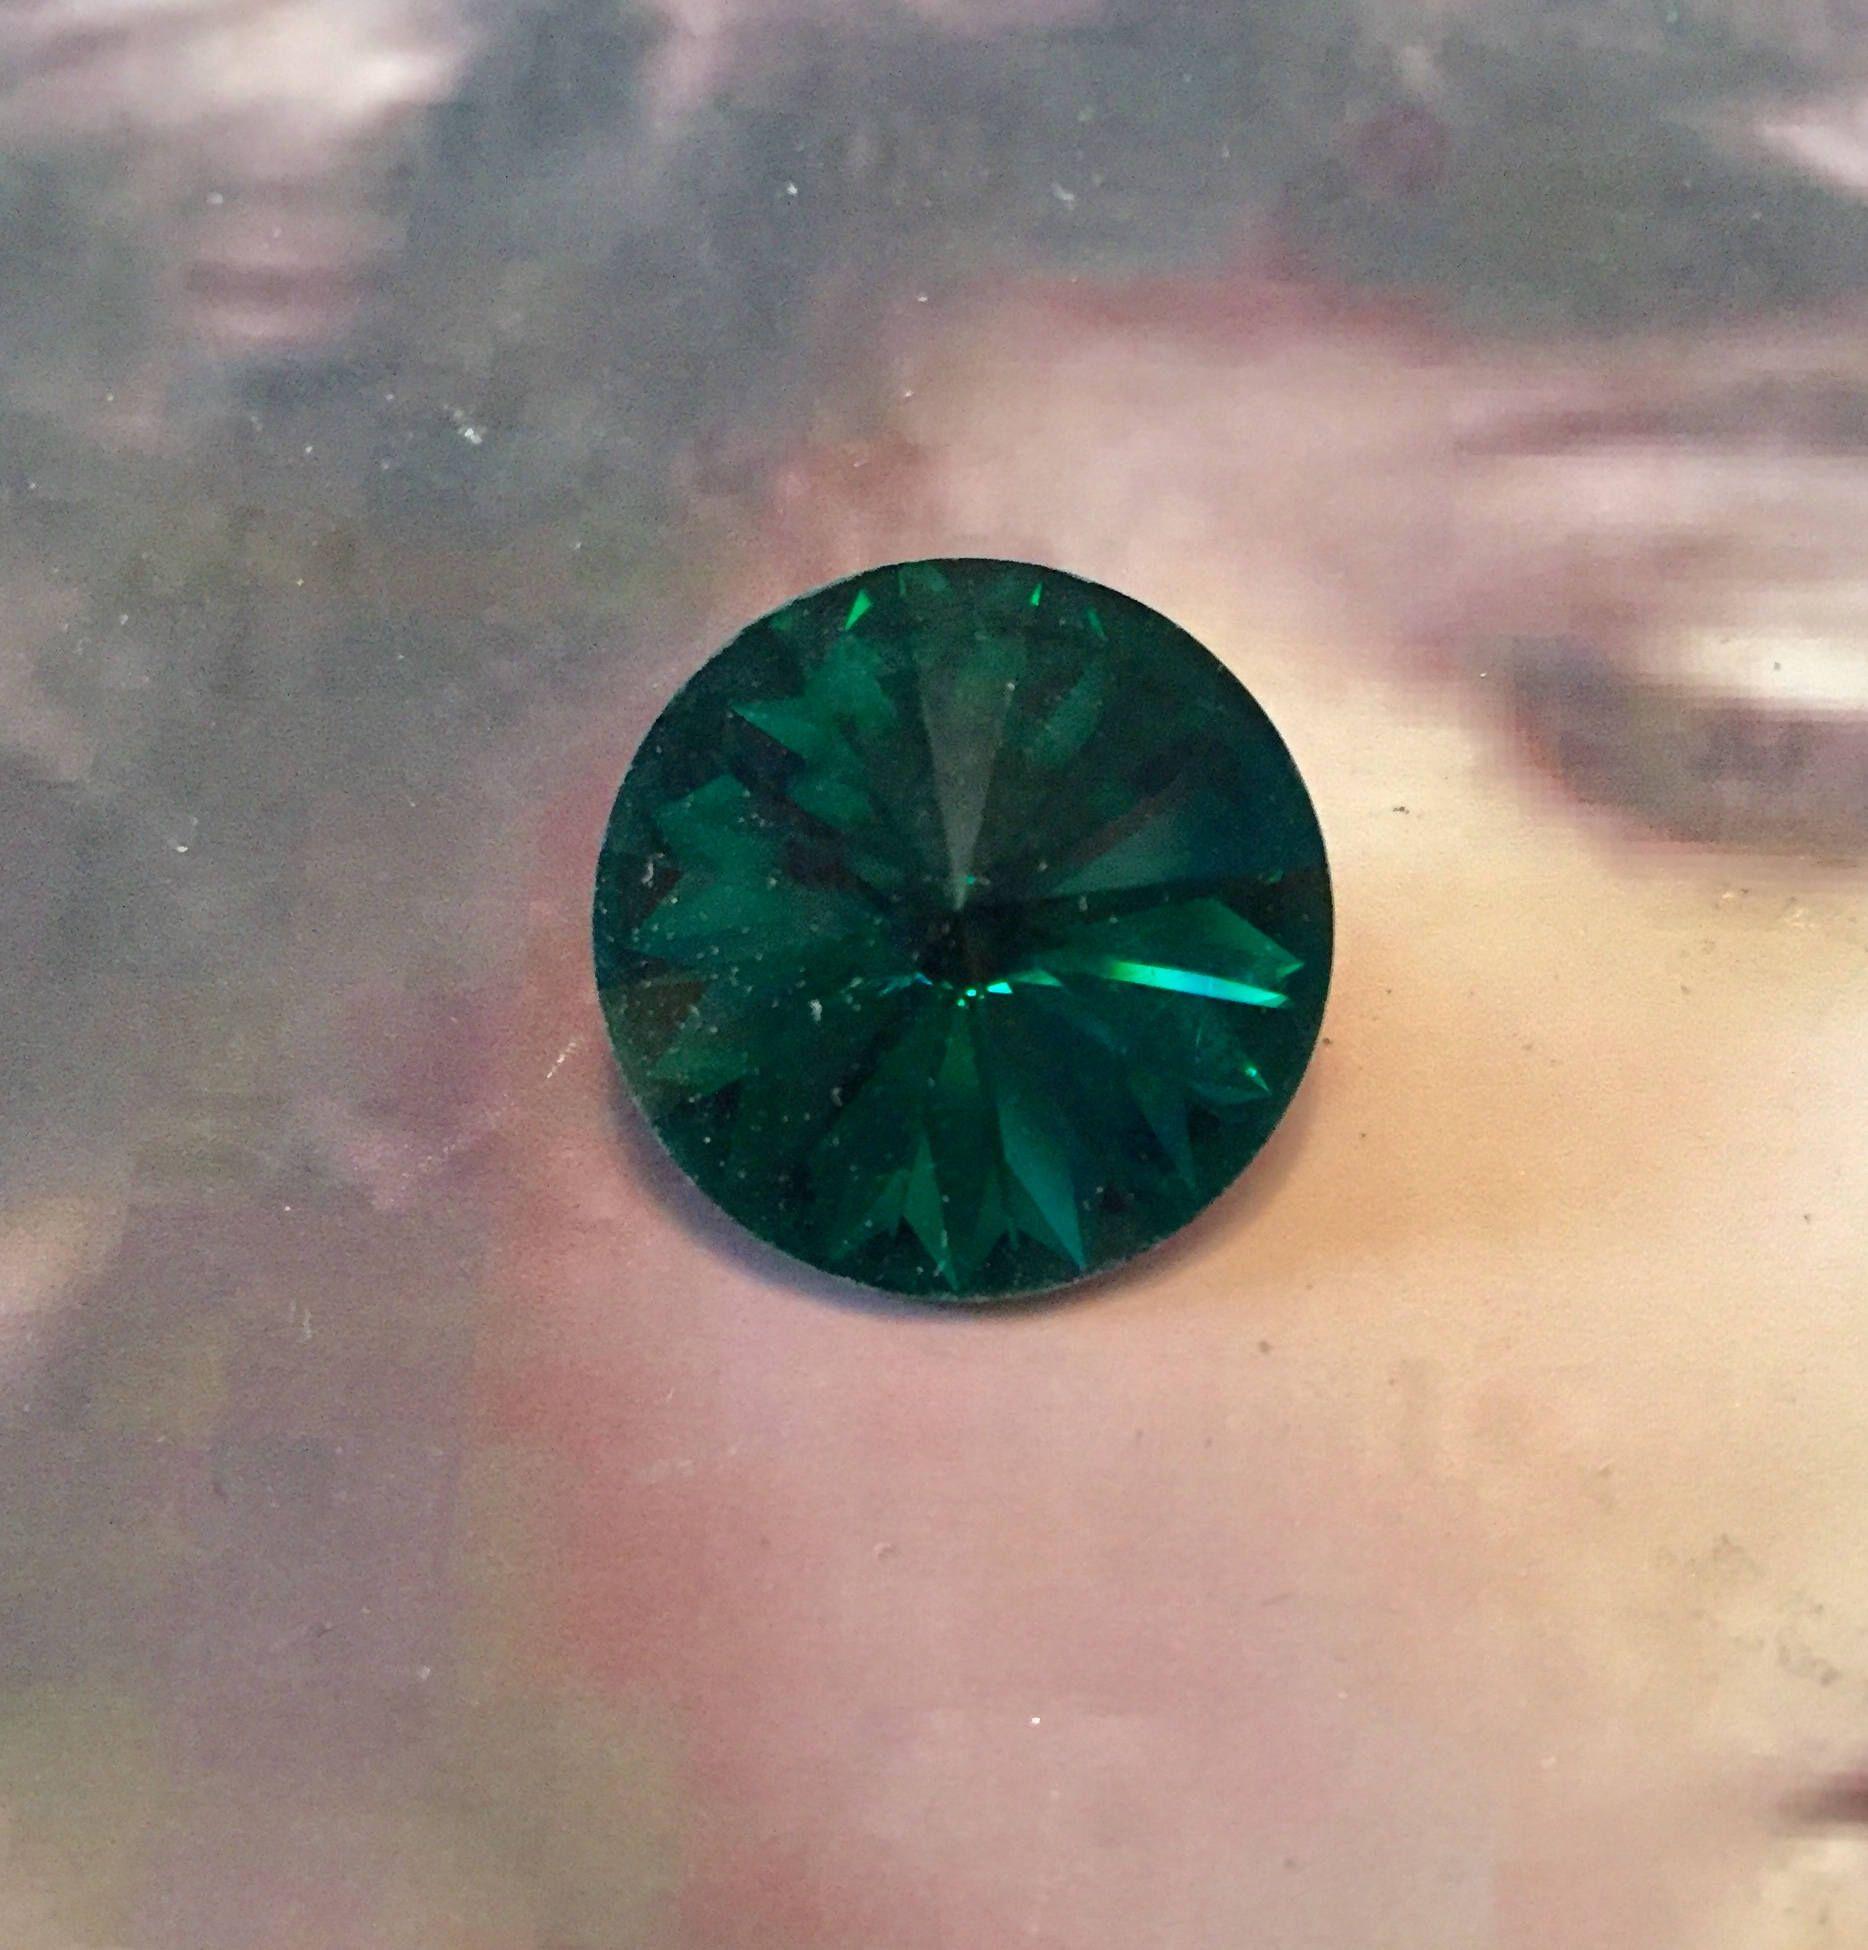 Vintage Swarovski 18mm Emerald Rivoli Crystal 8212GRN x2 by dimestoreemporium on Etsy